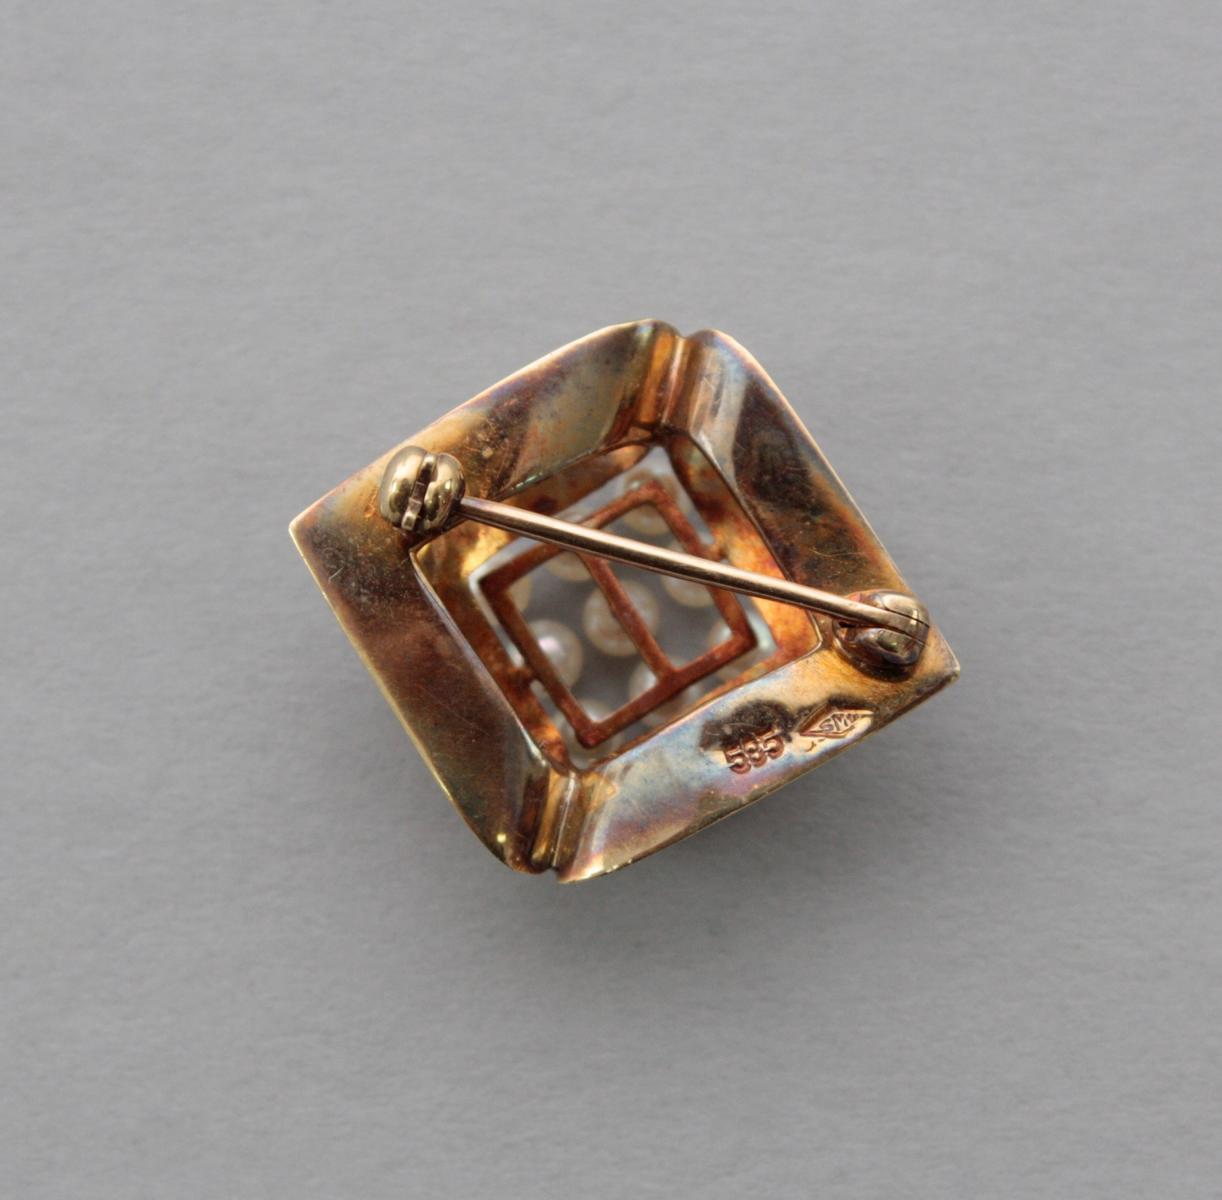 Brosche mit Perlen 14 Karat Gelbgold-3